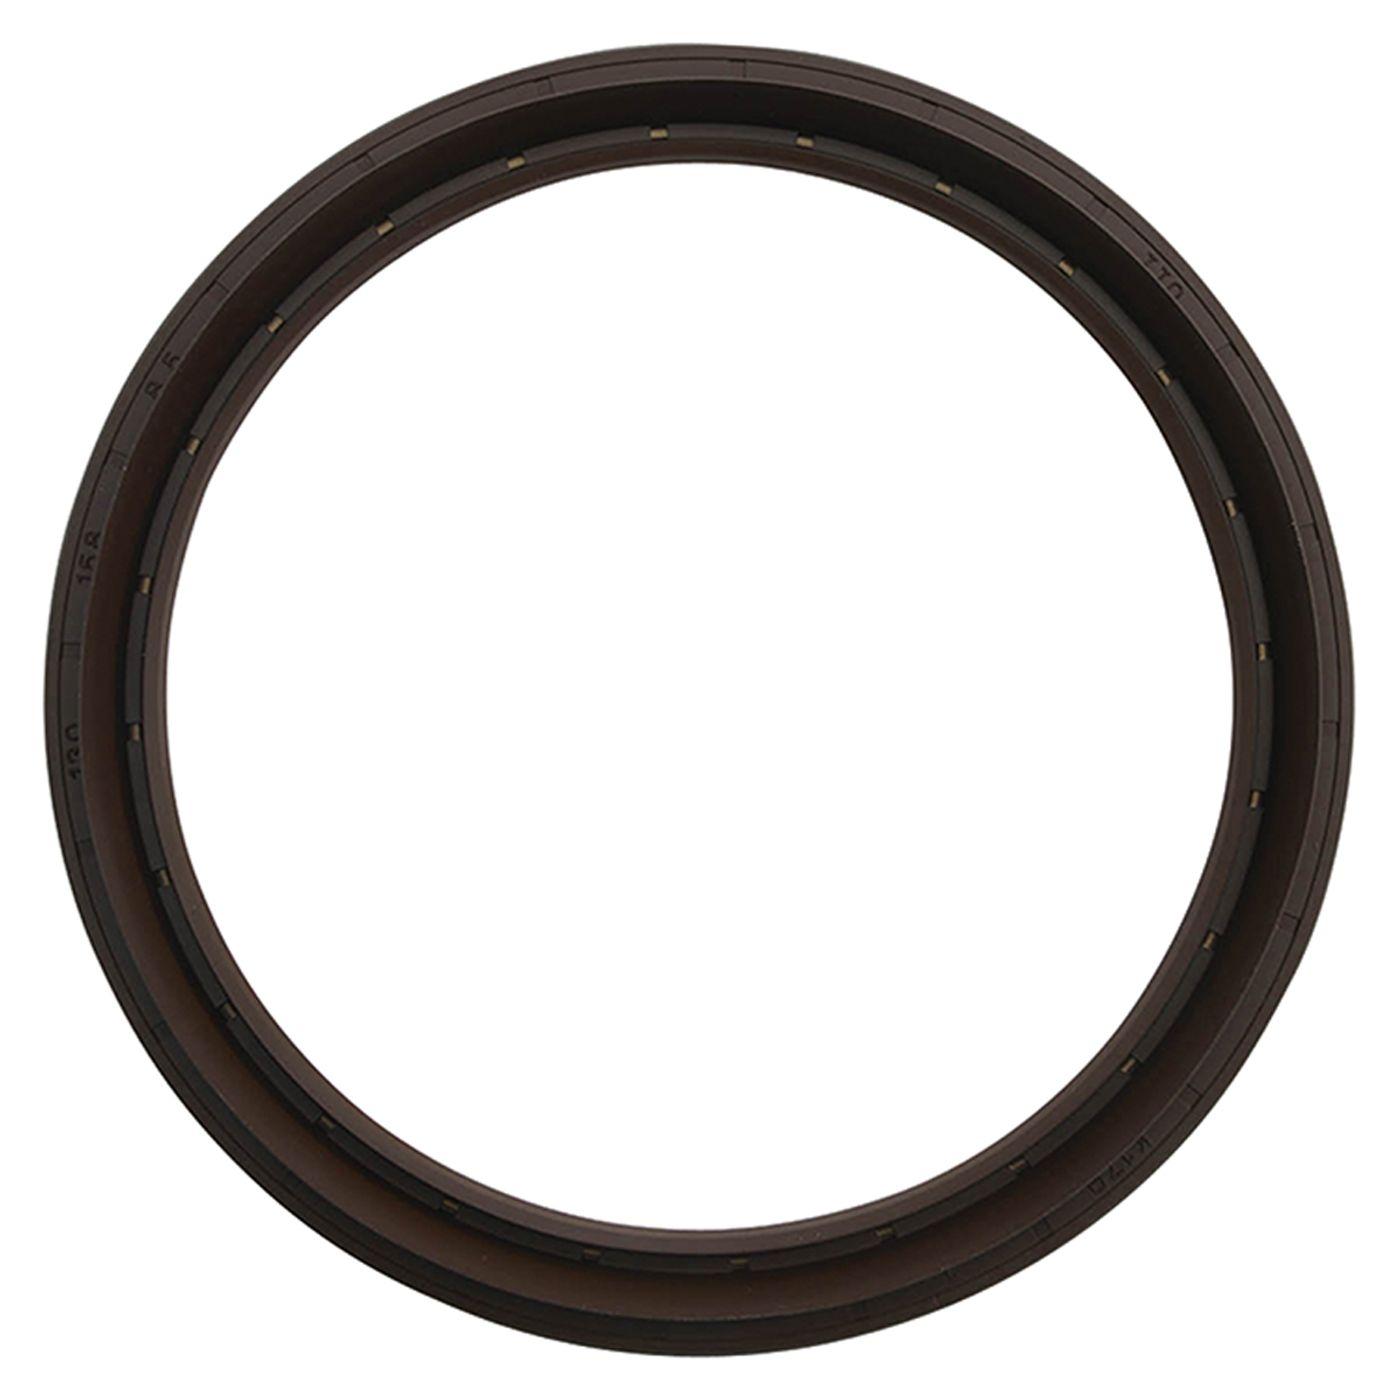 Wrp Brake Drum Seals - WRP3015801 image